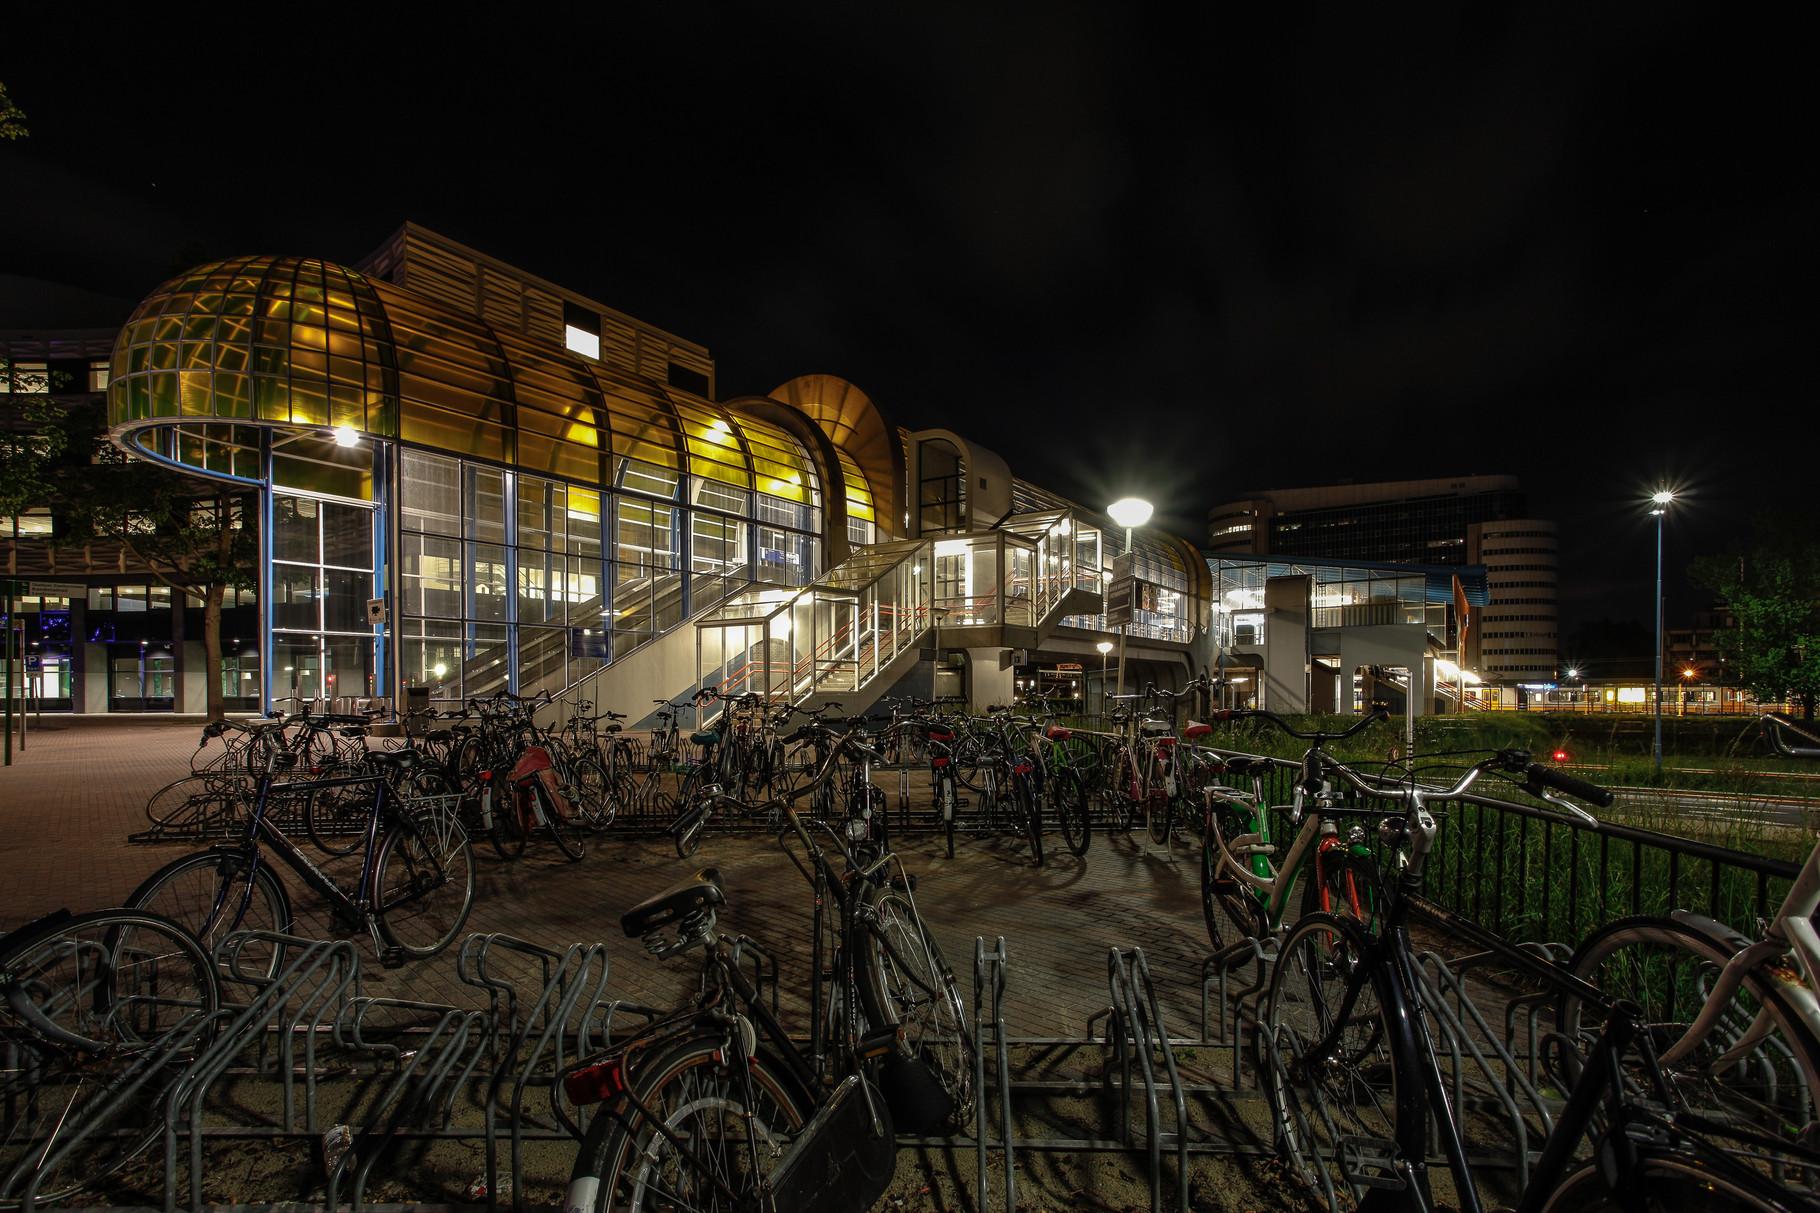 Nachtfoto Mandelabrug met fietsen - DOKOE Fotografie